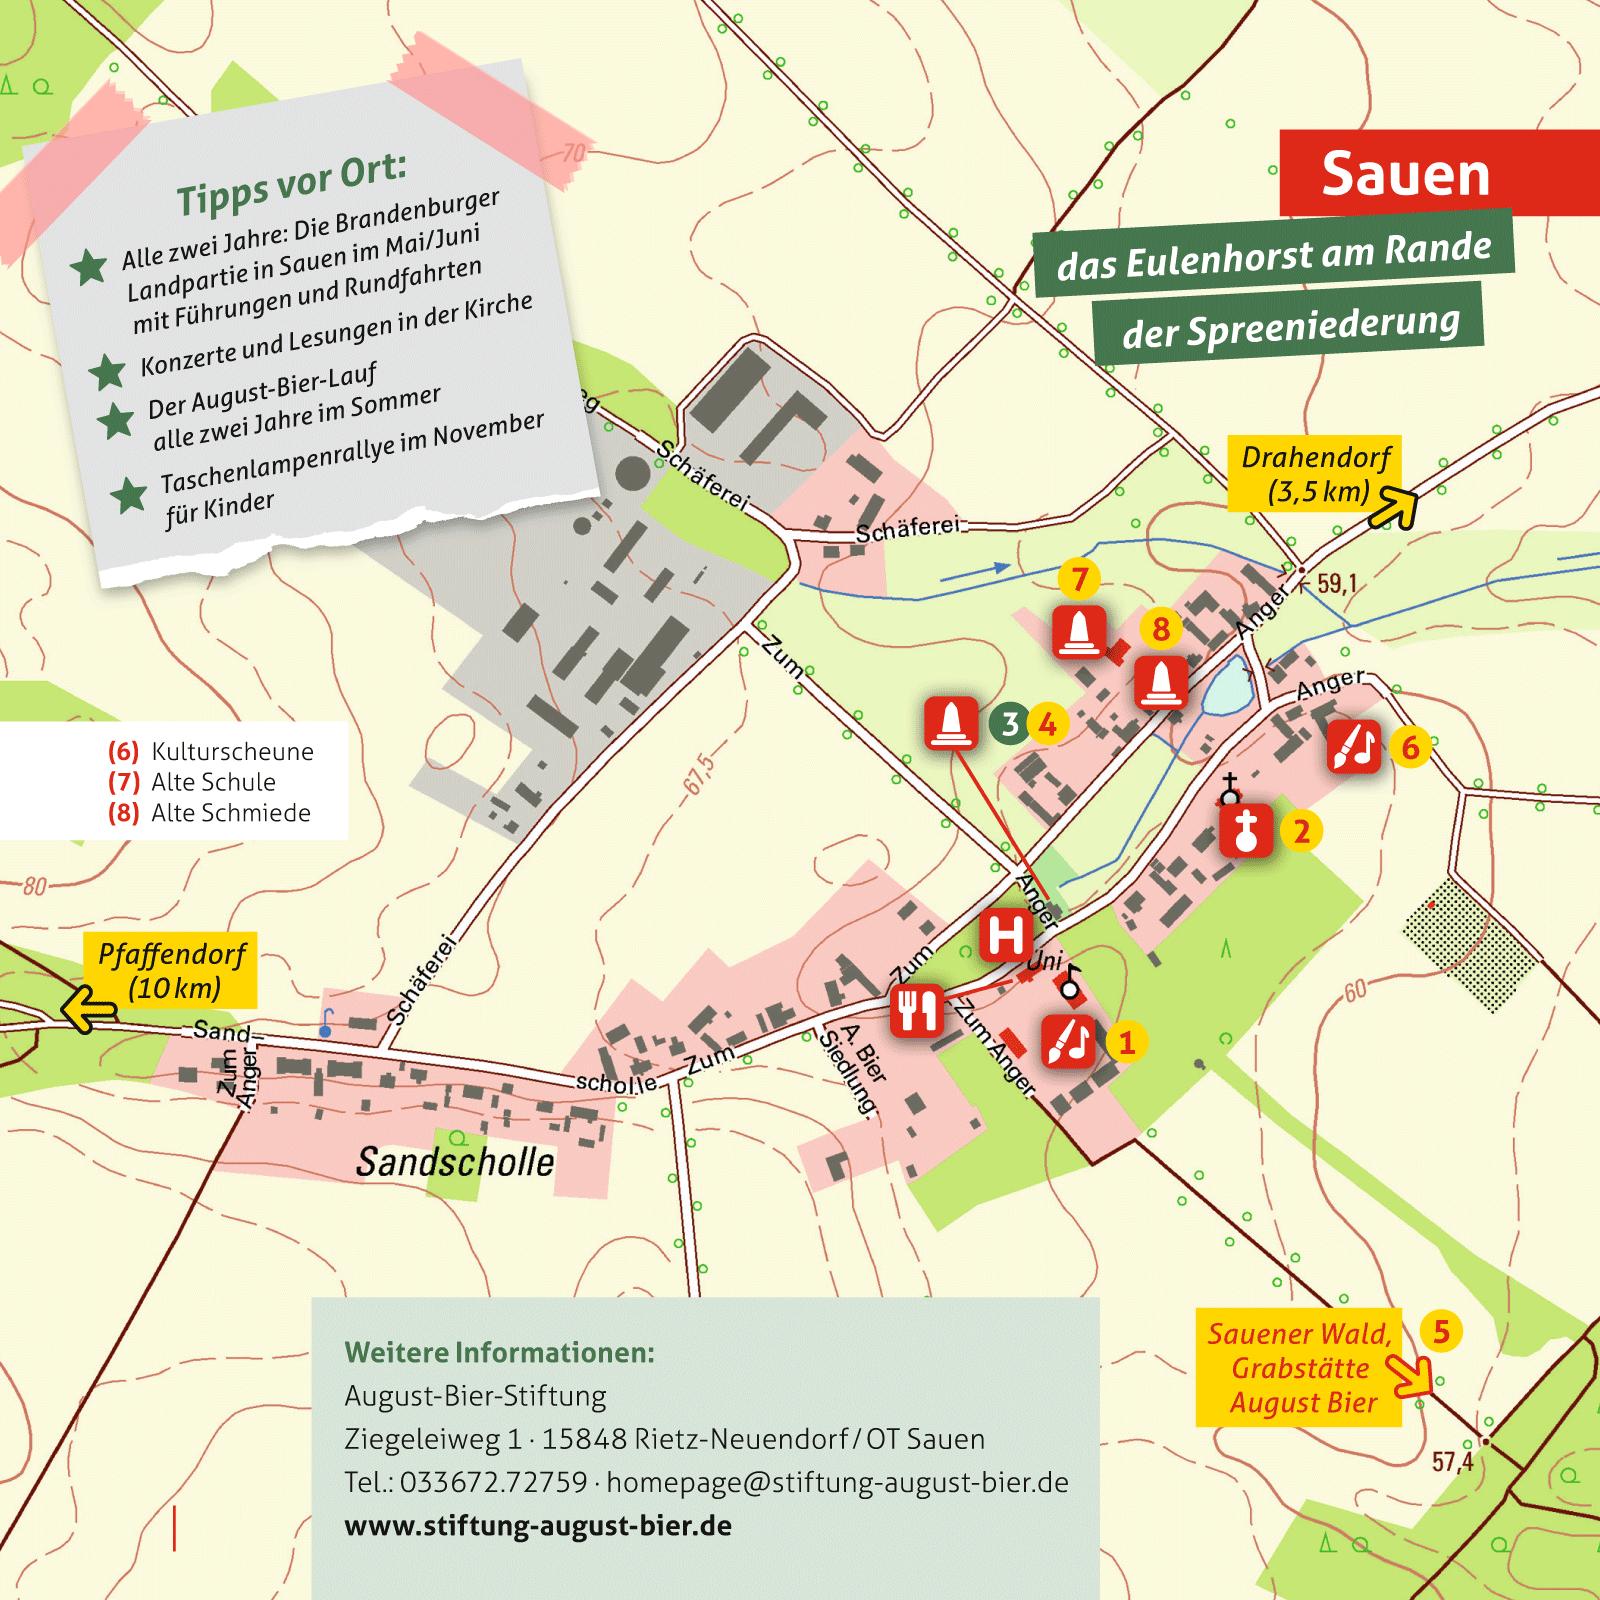 Ausflugskarte für Sauen